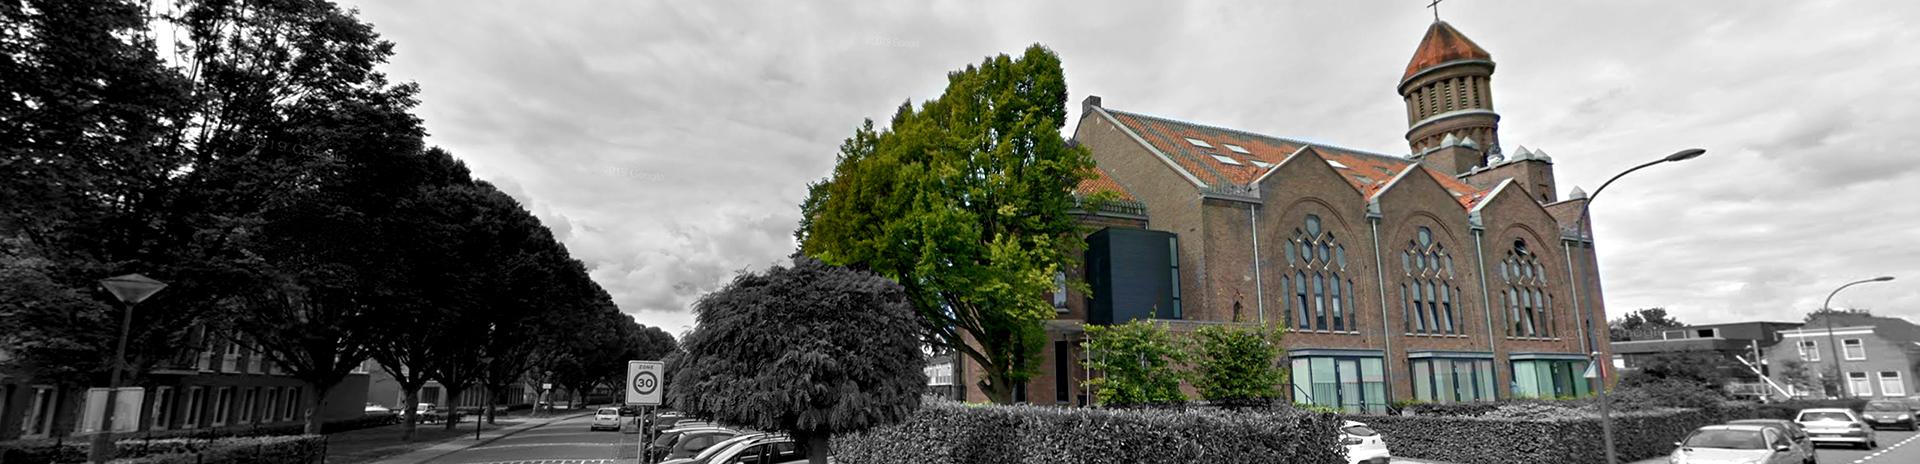 Letselschade Advocaat Waalwijk | LetselPro